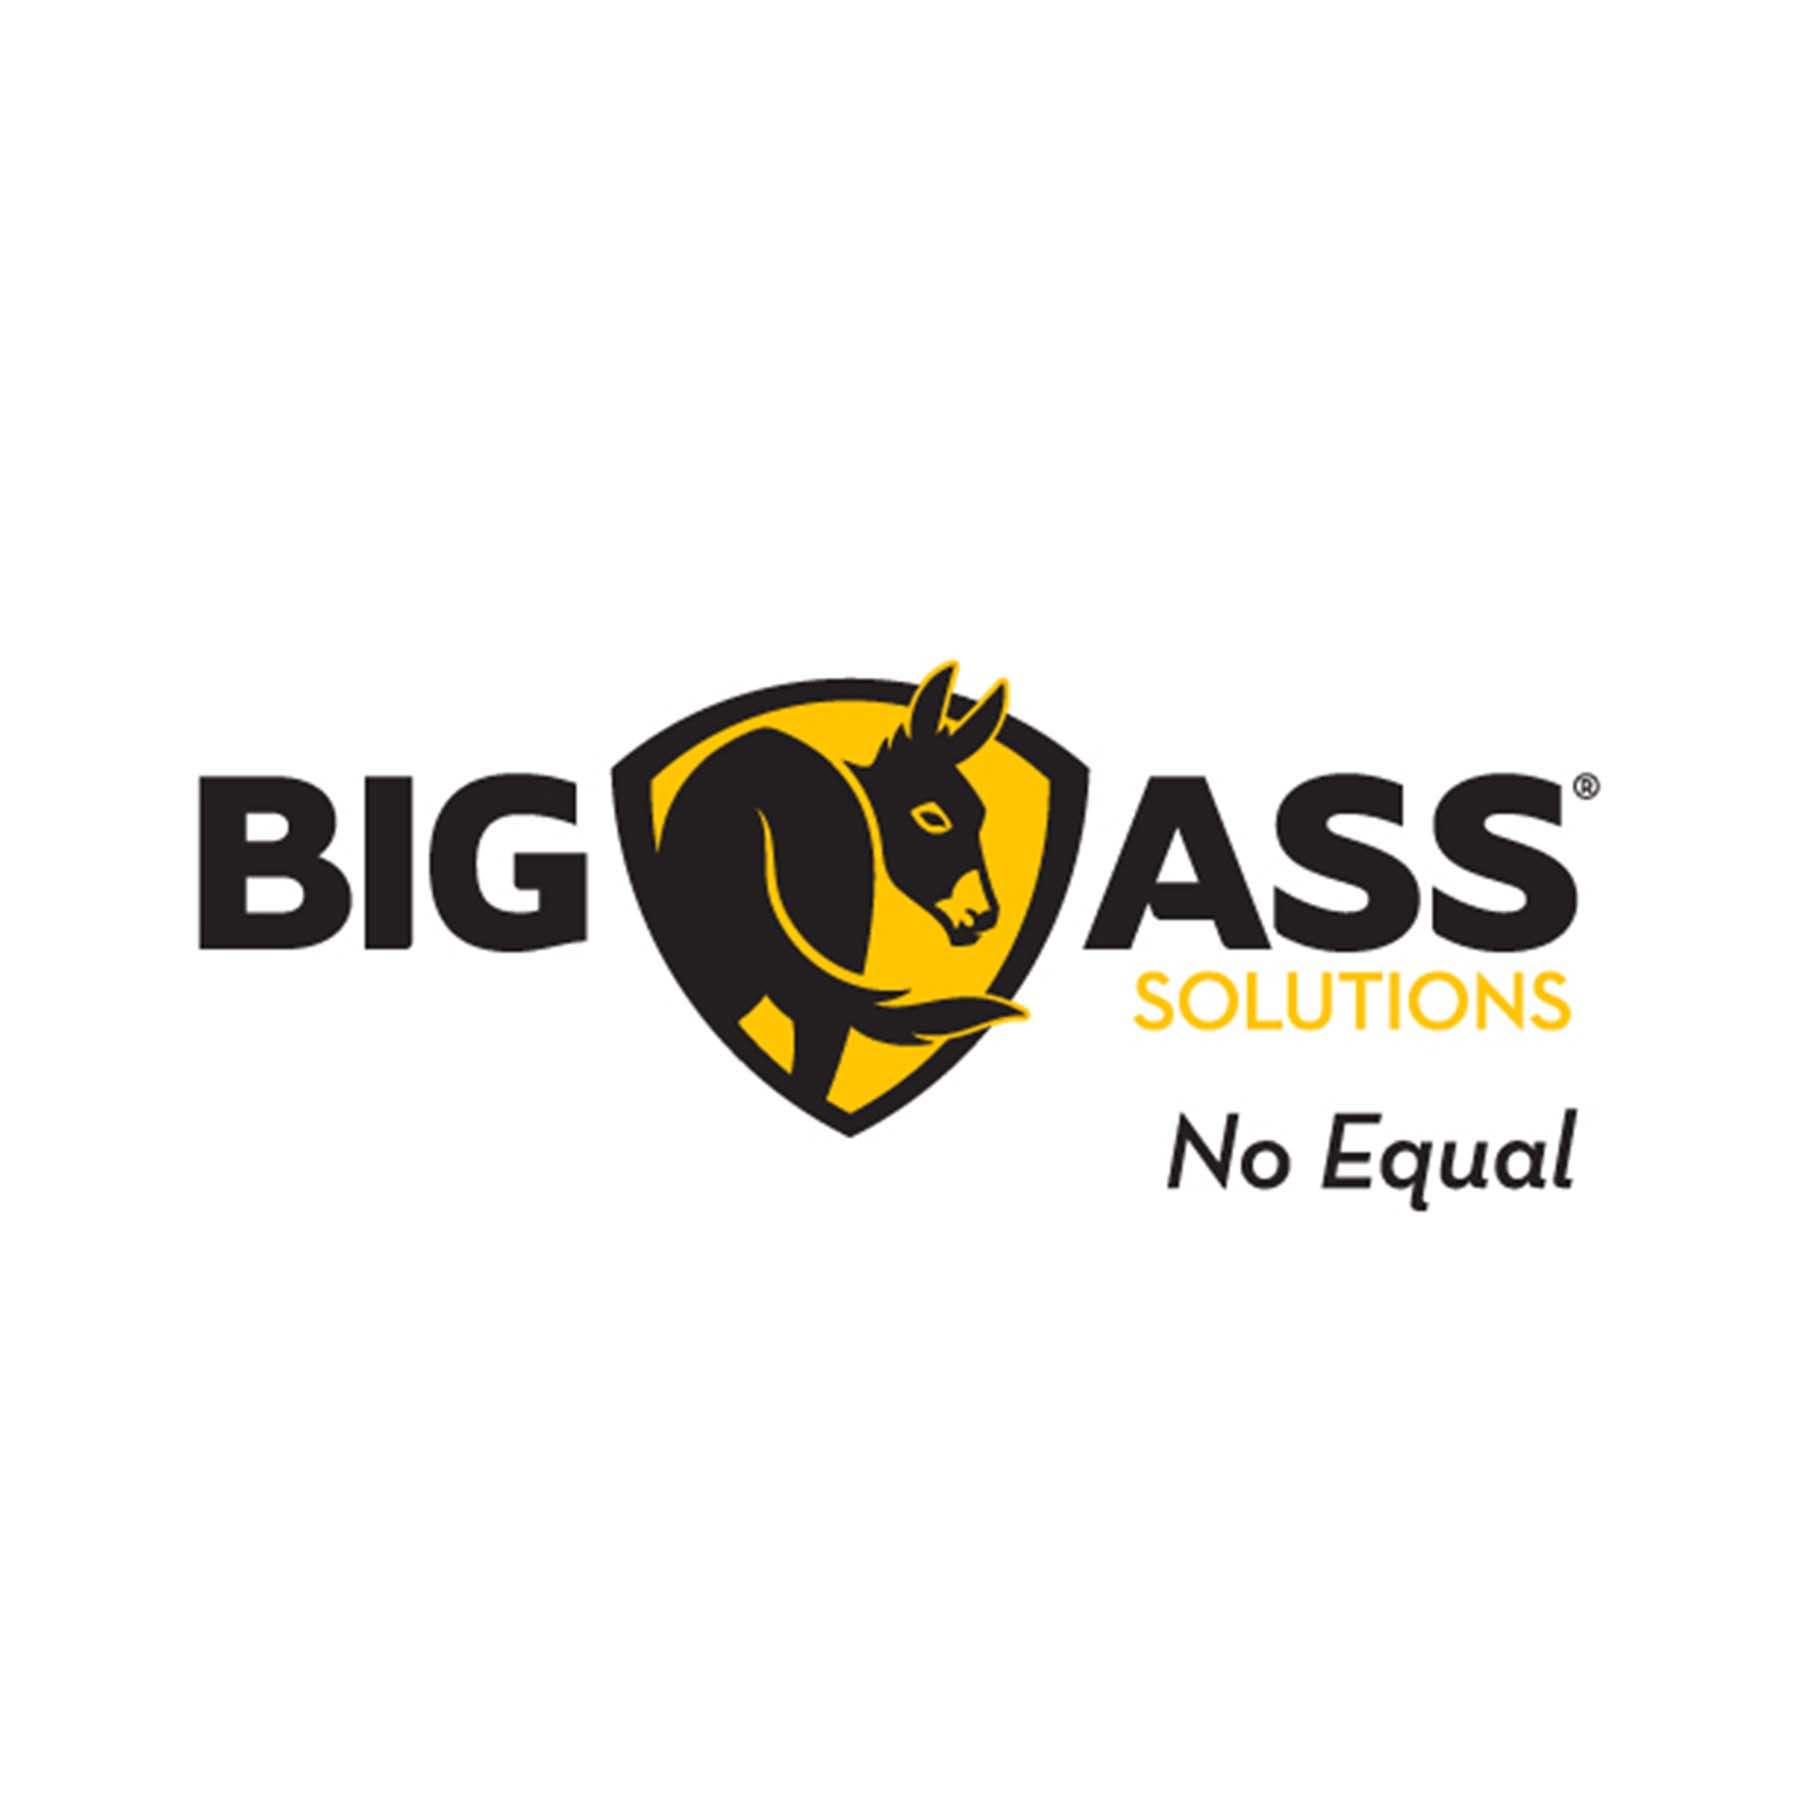 Big ass solutions